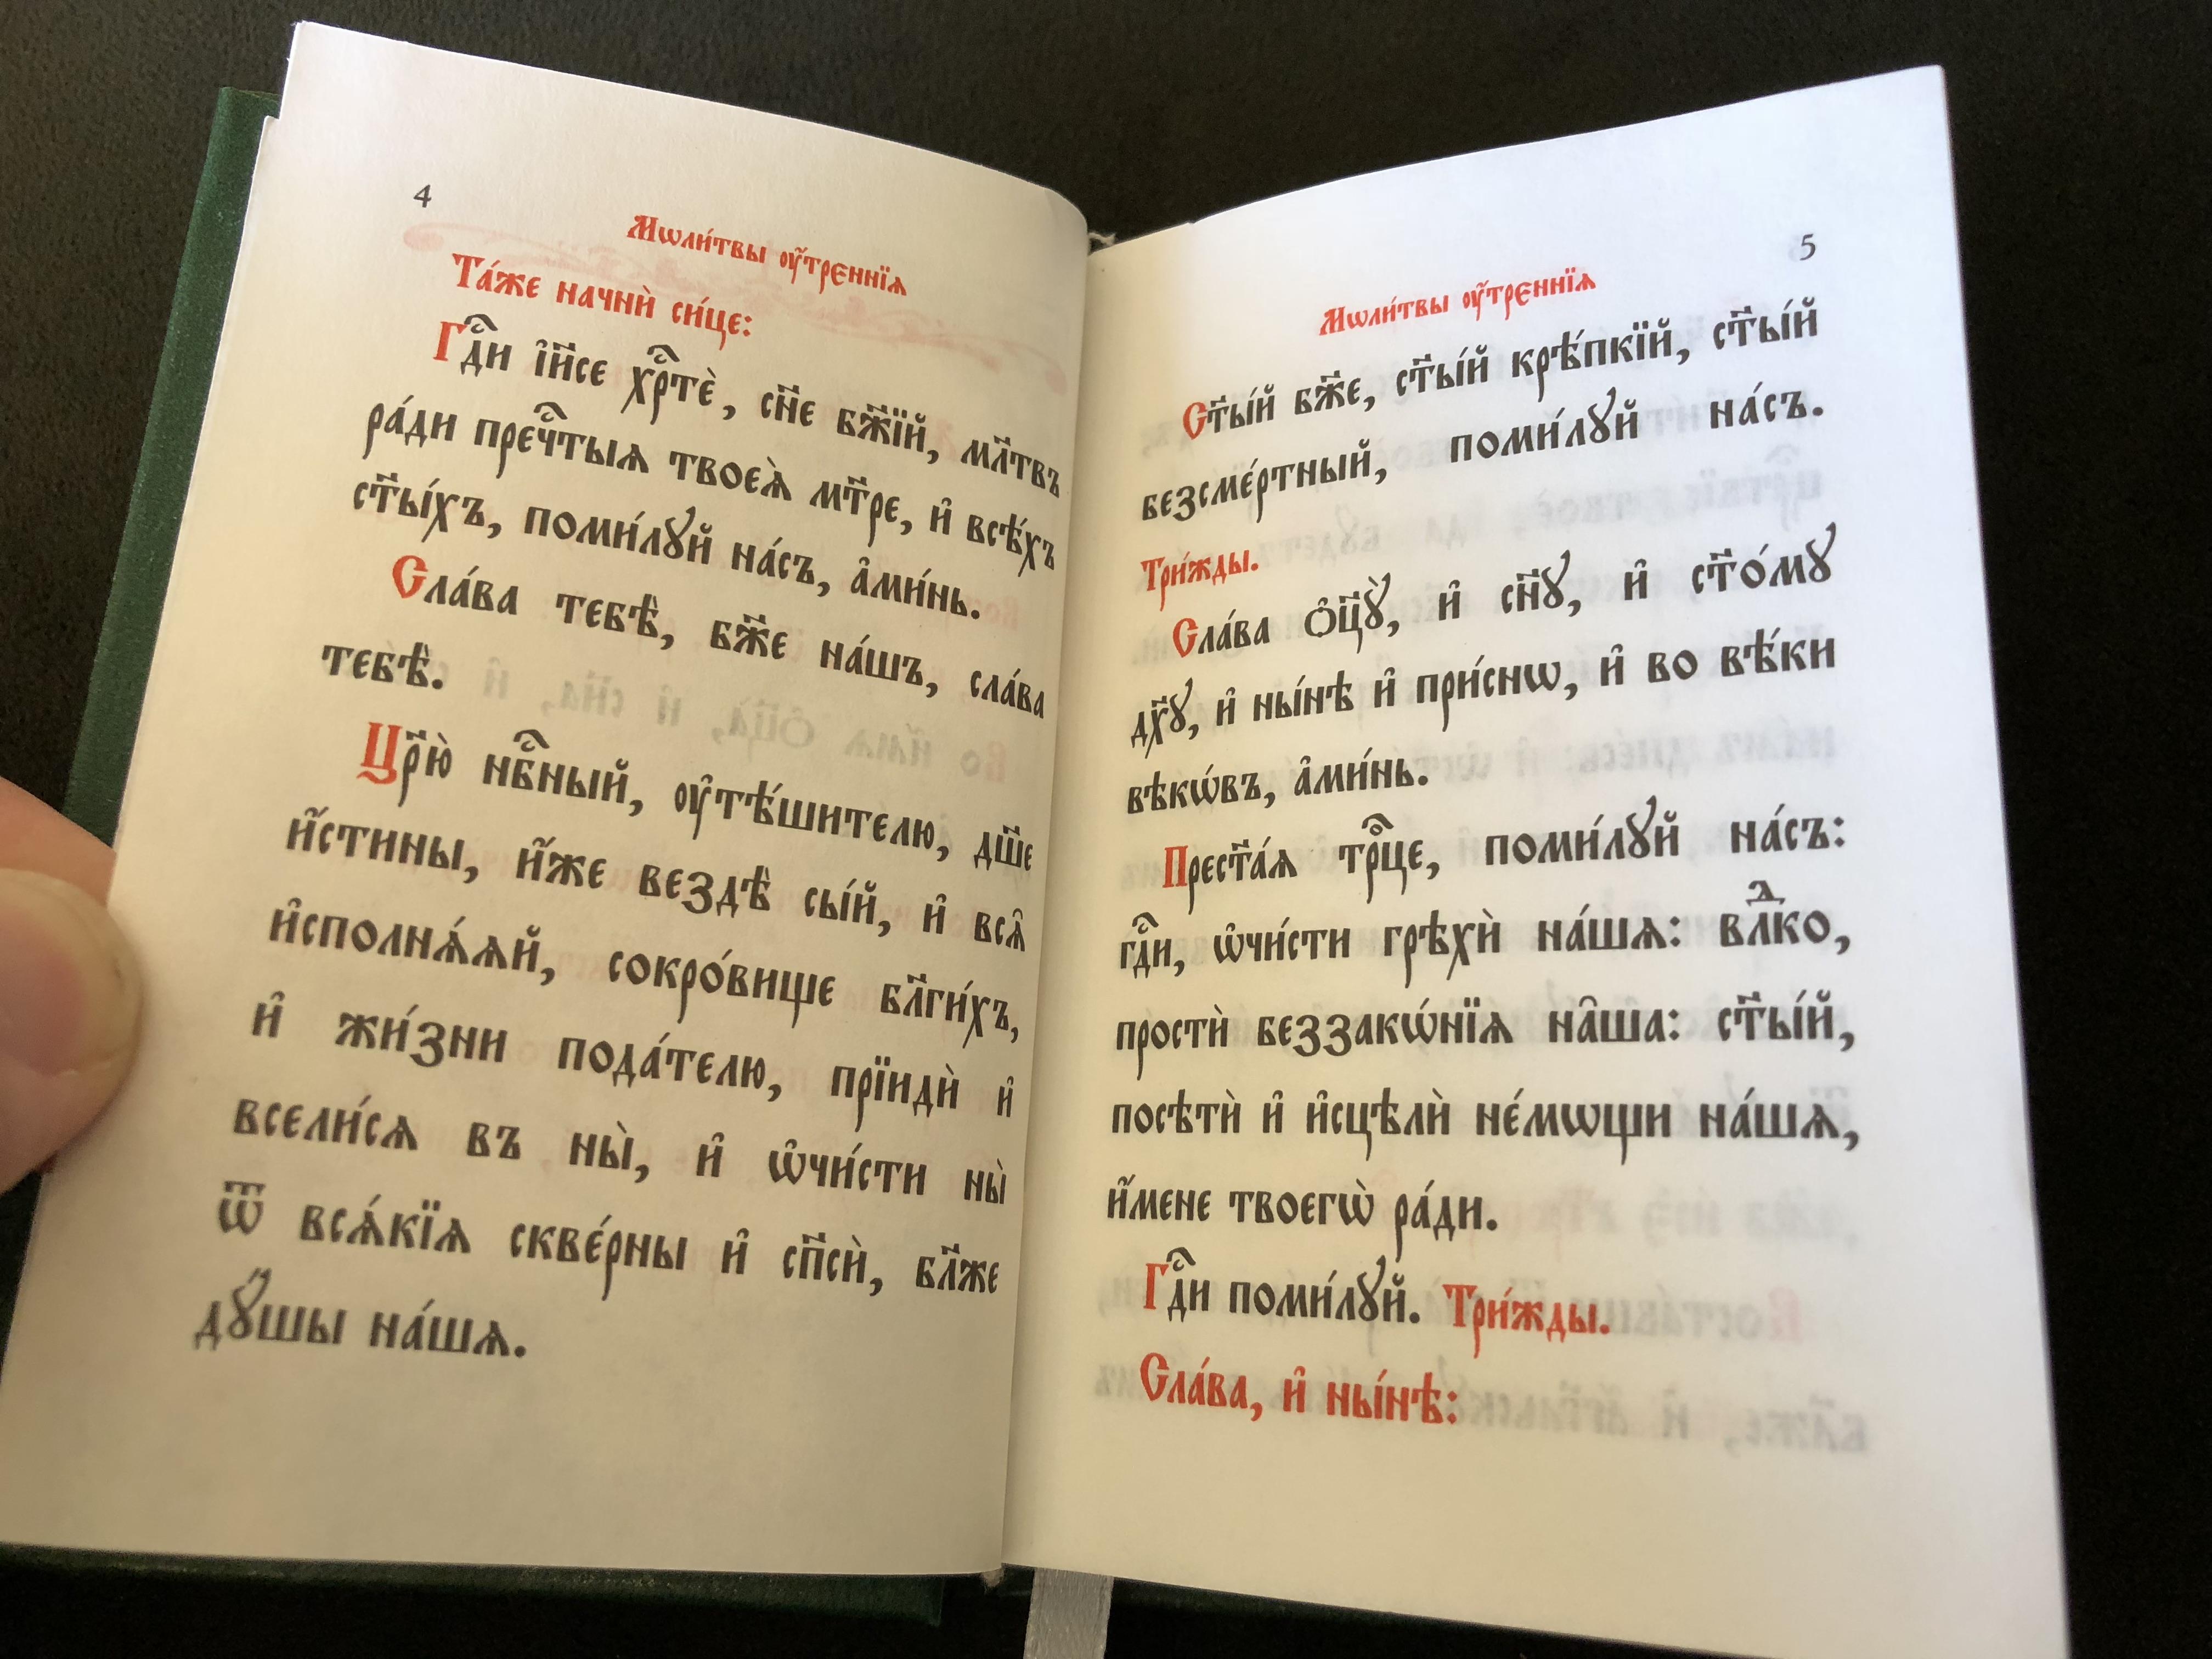 church-slavonic-pravoslav-green-prayer-book-pravoslavnij-9-.jpg